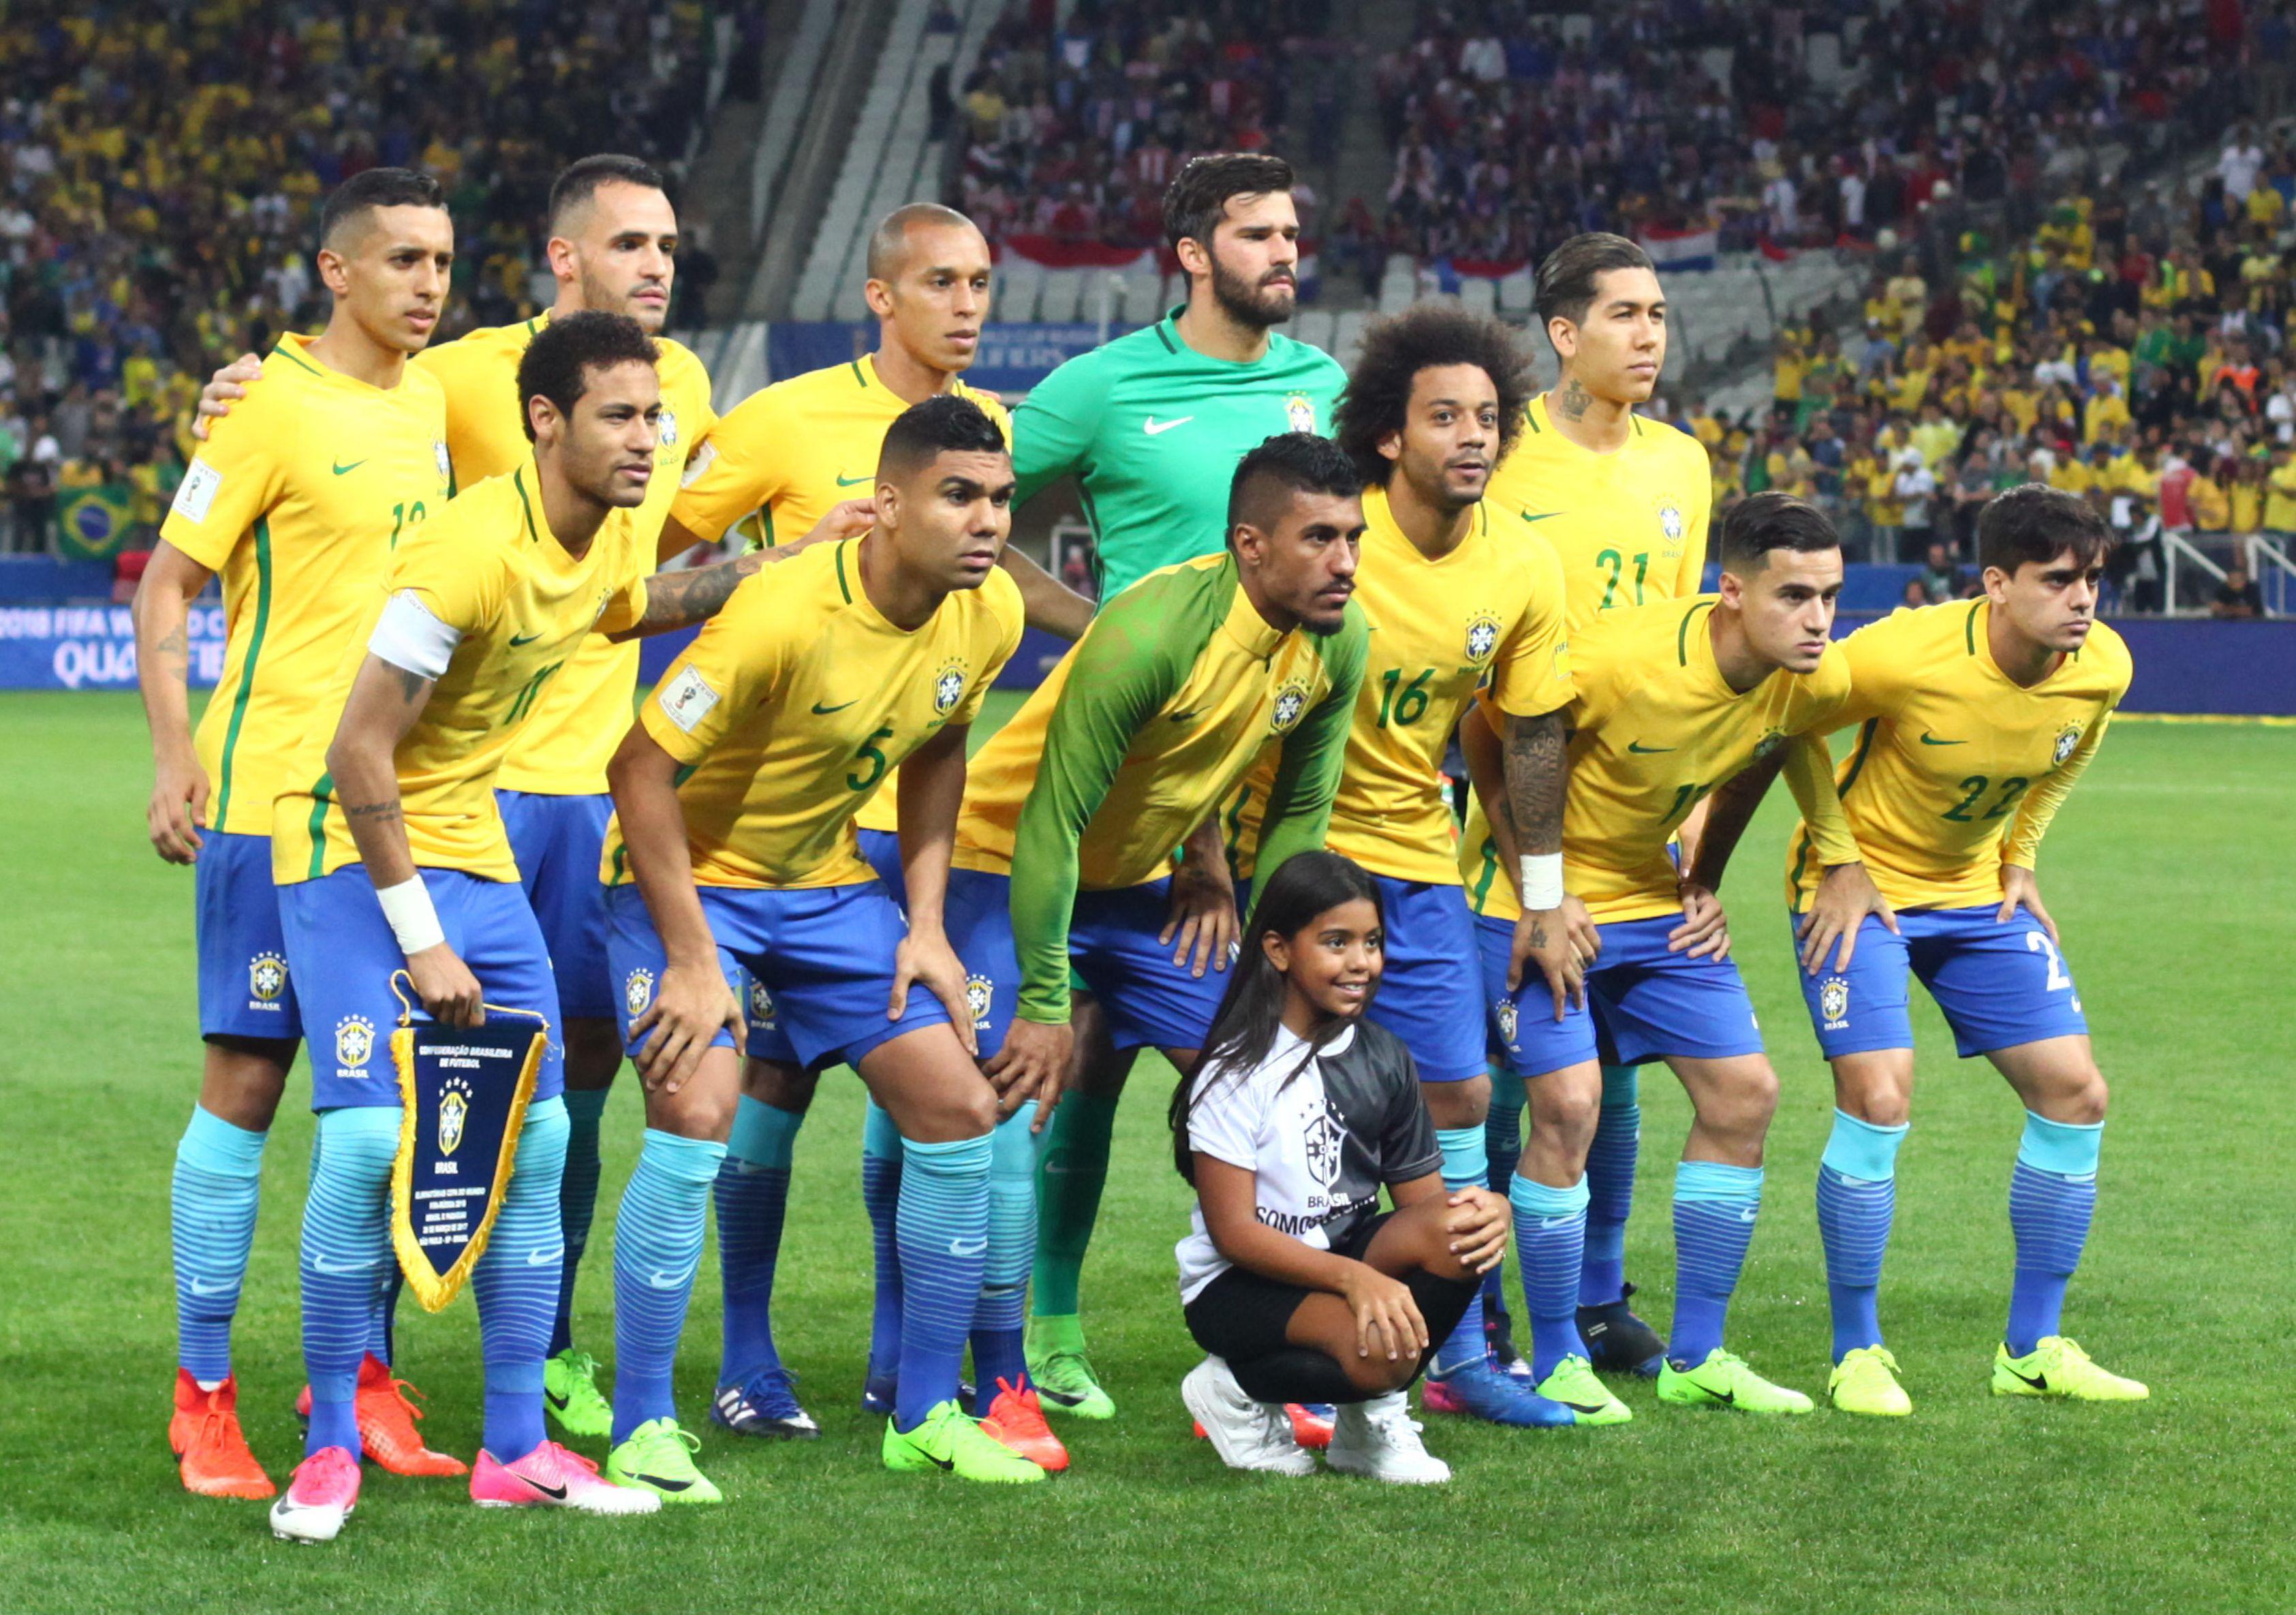 Classement fifa le br sil retrouve enfin les sommets la france reste 6e russie 2018 coupe - Coupe du monde 2018 football ...